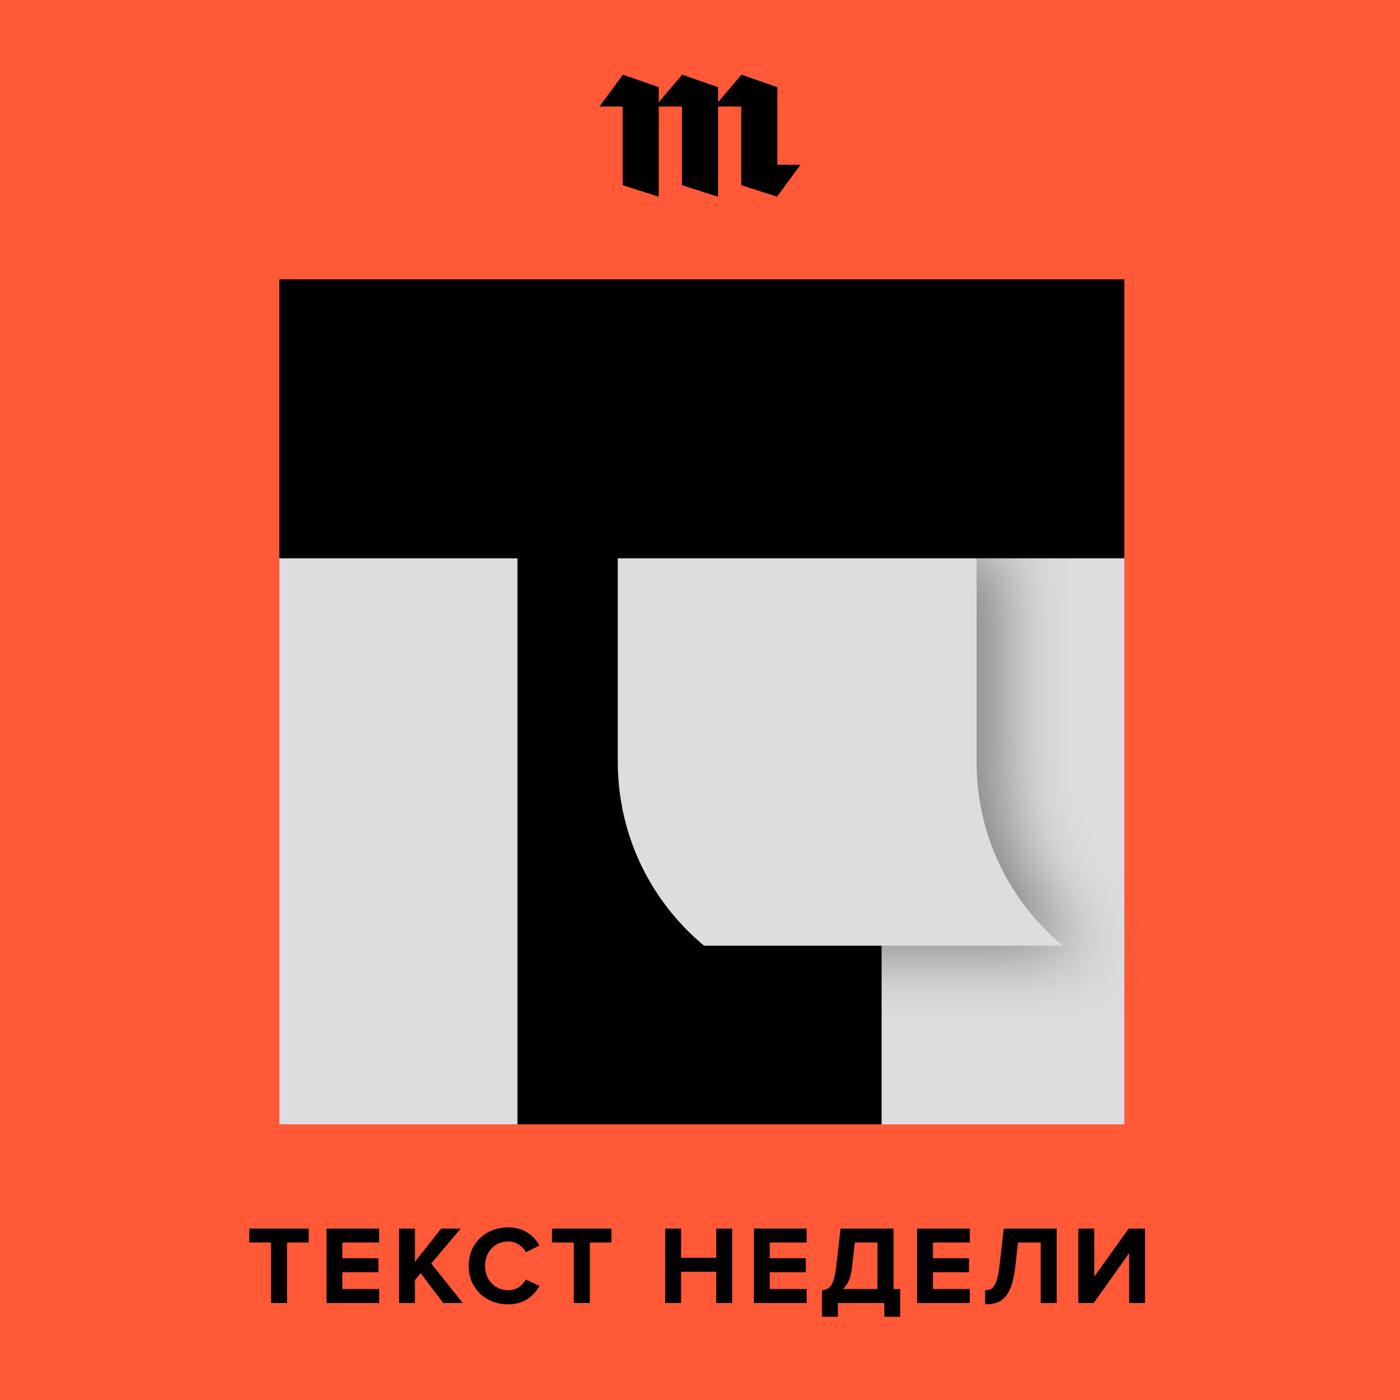 История отсутствия провалов. Кто такой Олег Кожемяко и что происходит с губернаторами в России?